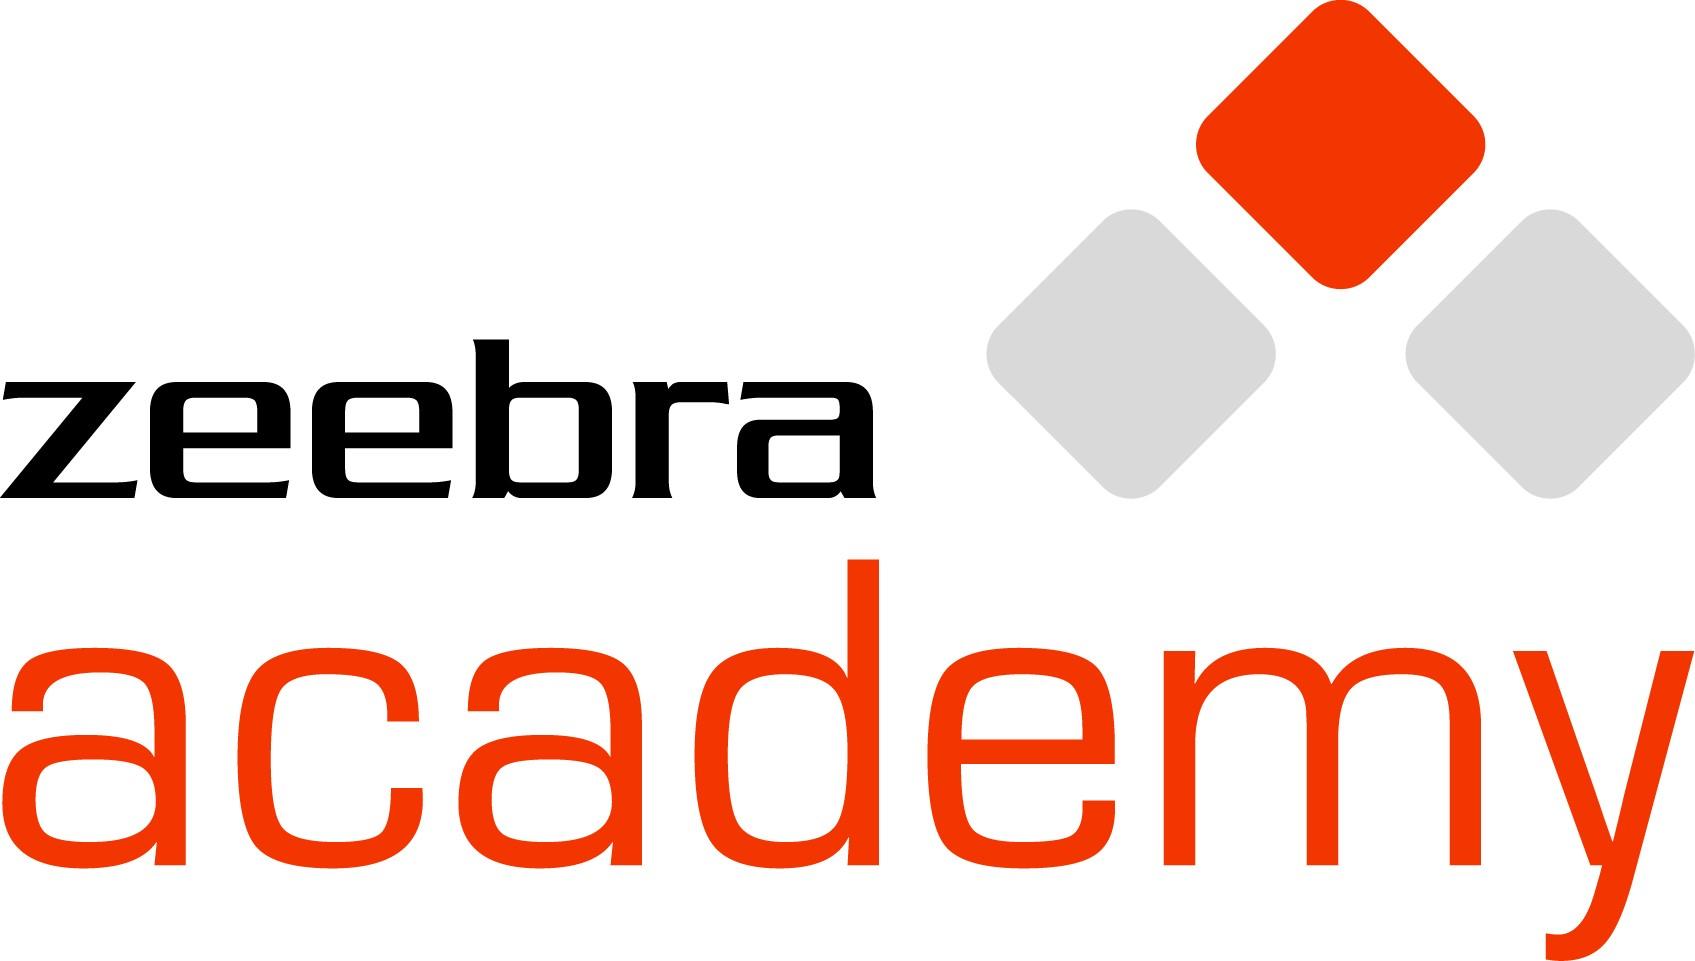 Zeebra academy logo